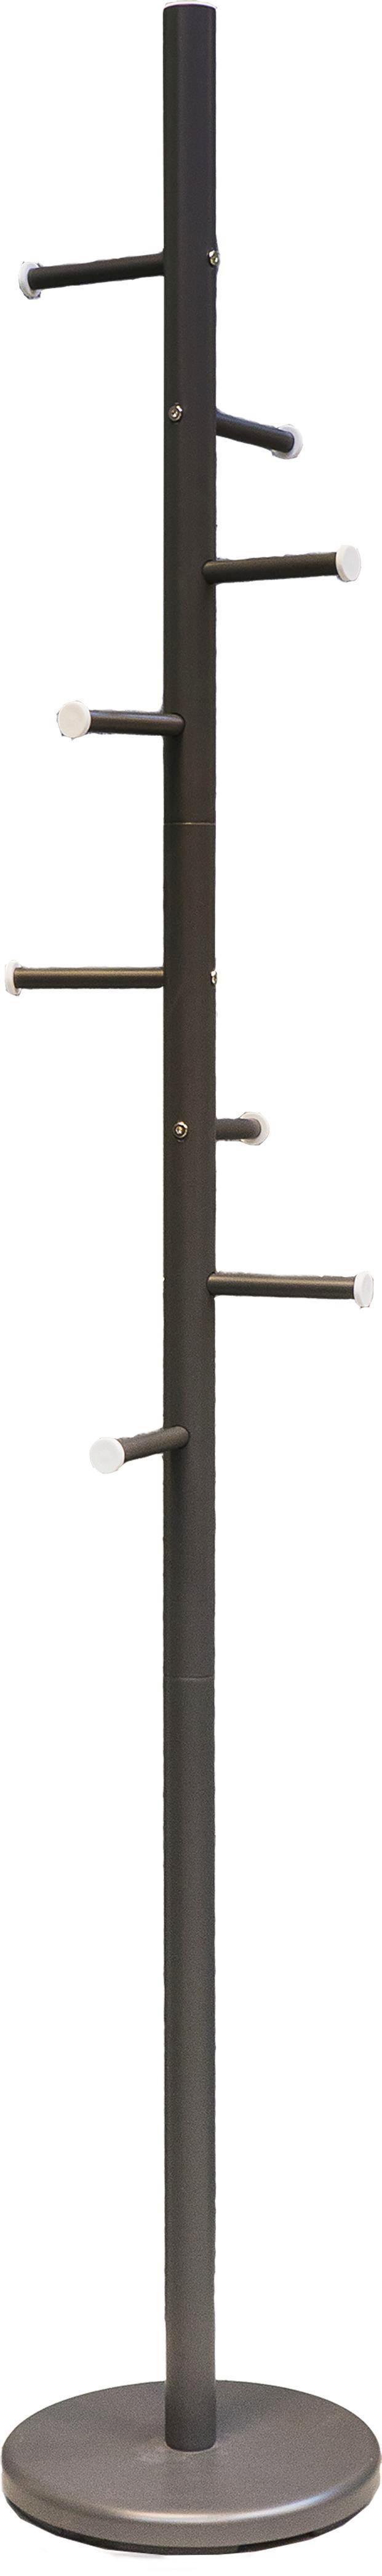 Kleiderständer in Anthrazit aus Metall - Anthrazit, Metall (28/180cm) - MÖMAX modern living